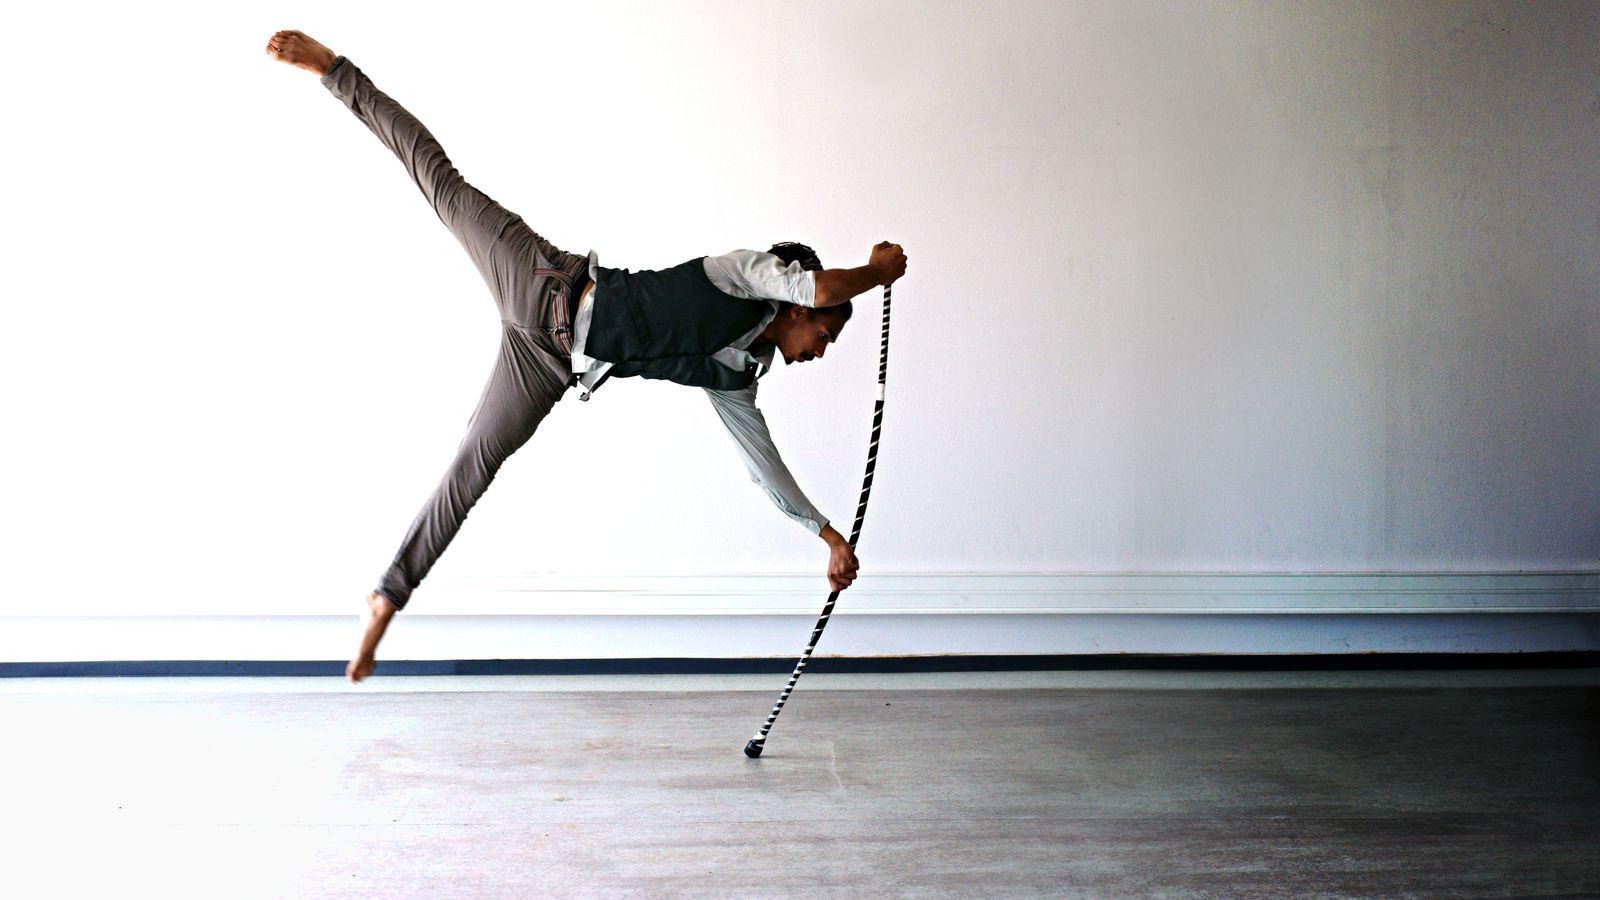 Jean-Souleymane fait un drapeau en acrostaff dans la cuisine d'une ancienne école de danse à Villeurbanne. Le staff se courbe sous le poids de l'acrobate.